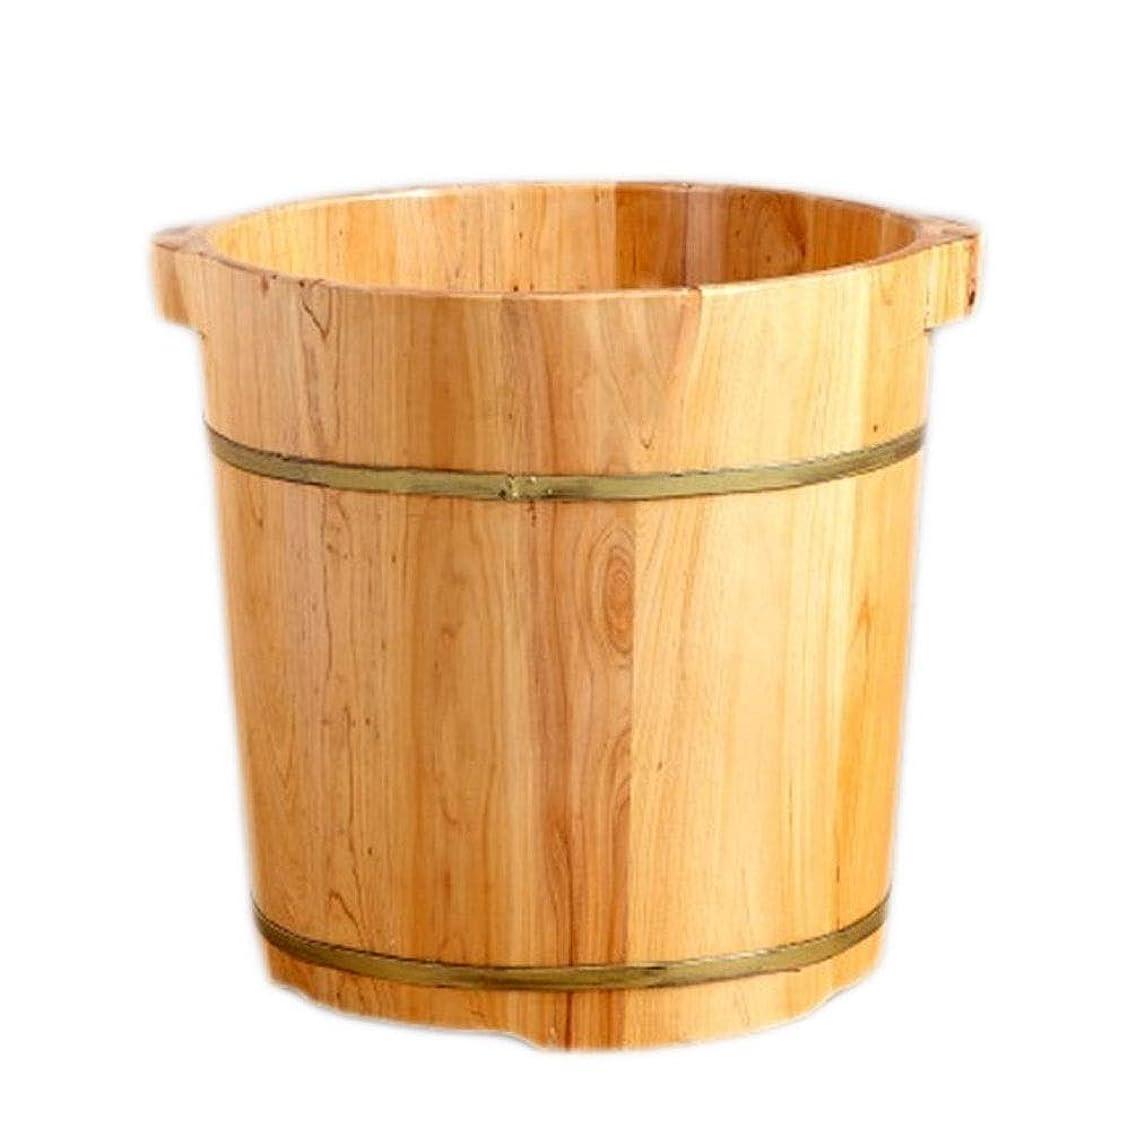 識別フェンス留まるLYRZUYU 大人のためのサウナ木製バケツ、足と脚スパ、ホームのためのフットマッサージスパ、大型フットバススパ浴槽、ペディキュアフットバスリラックス (Size : A)